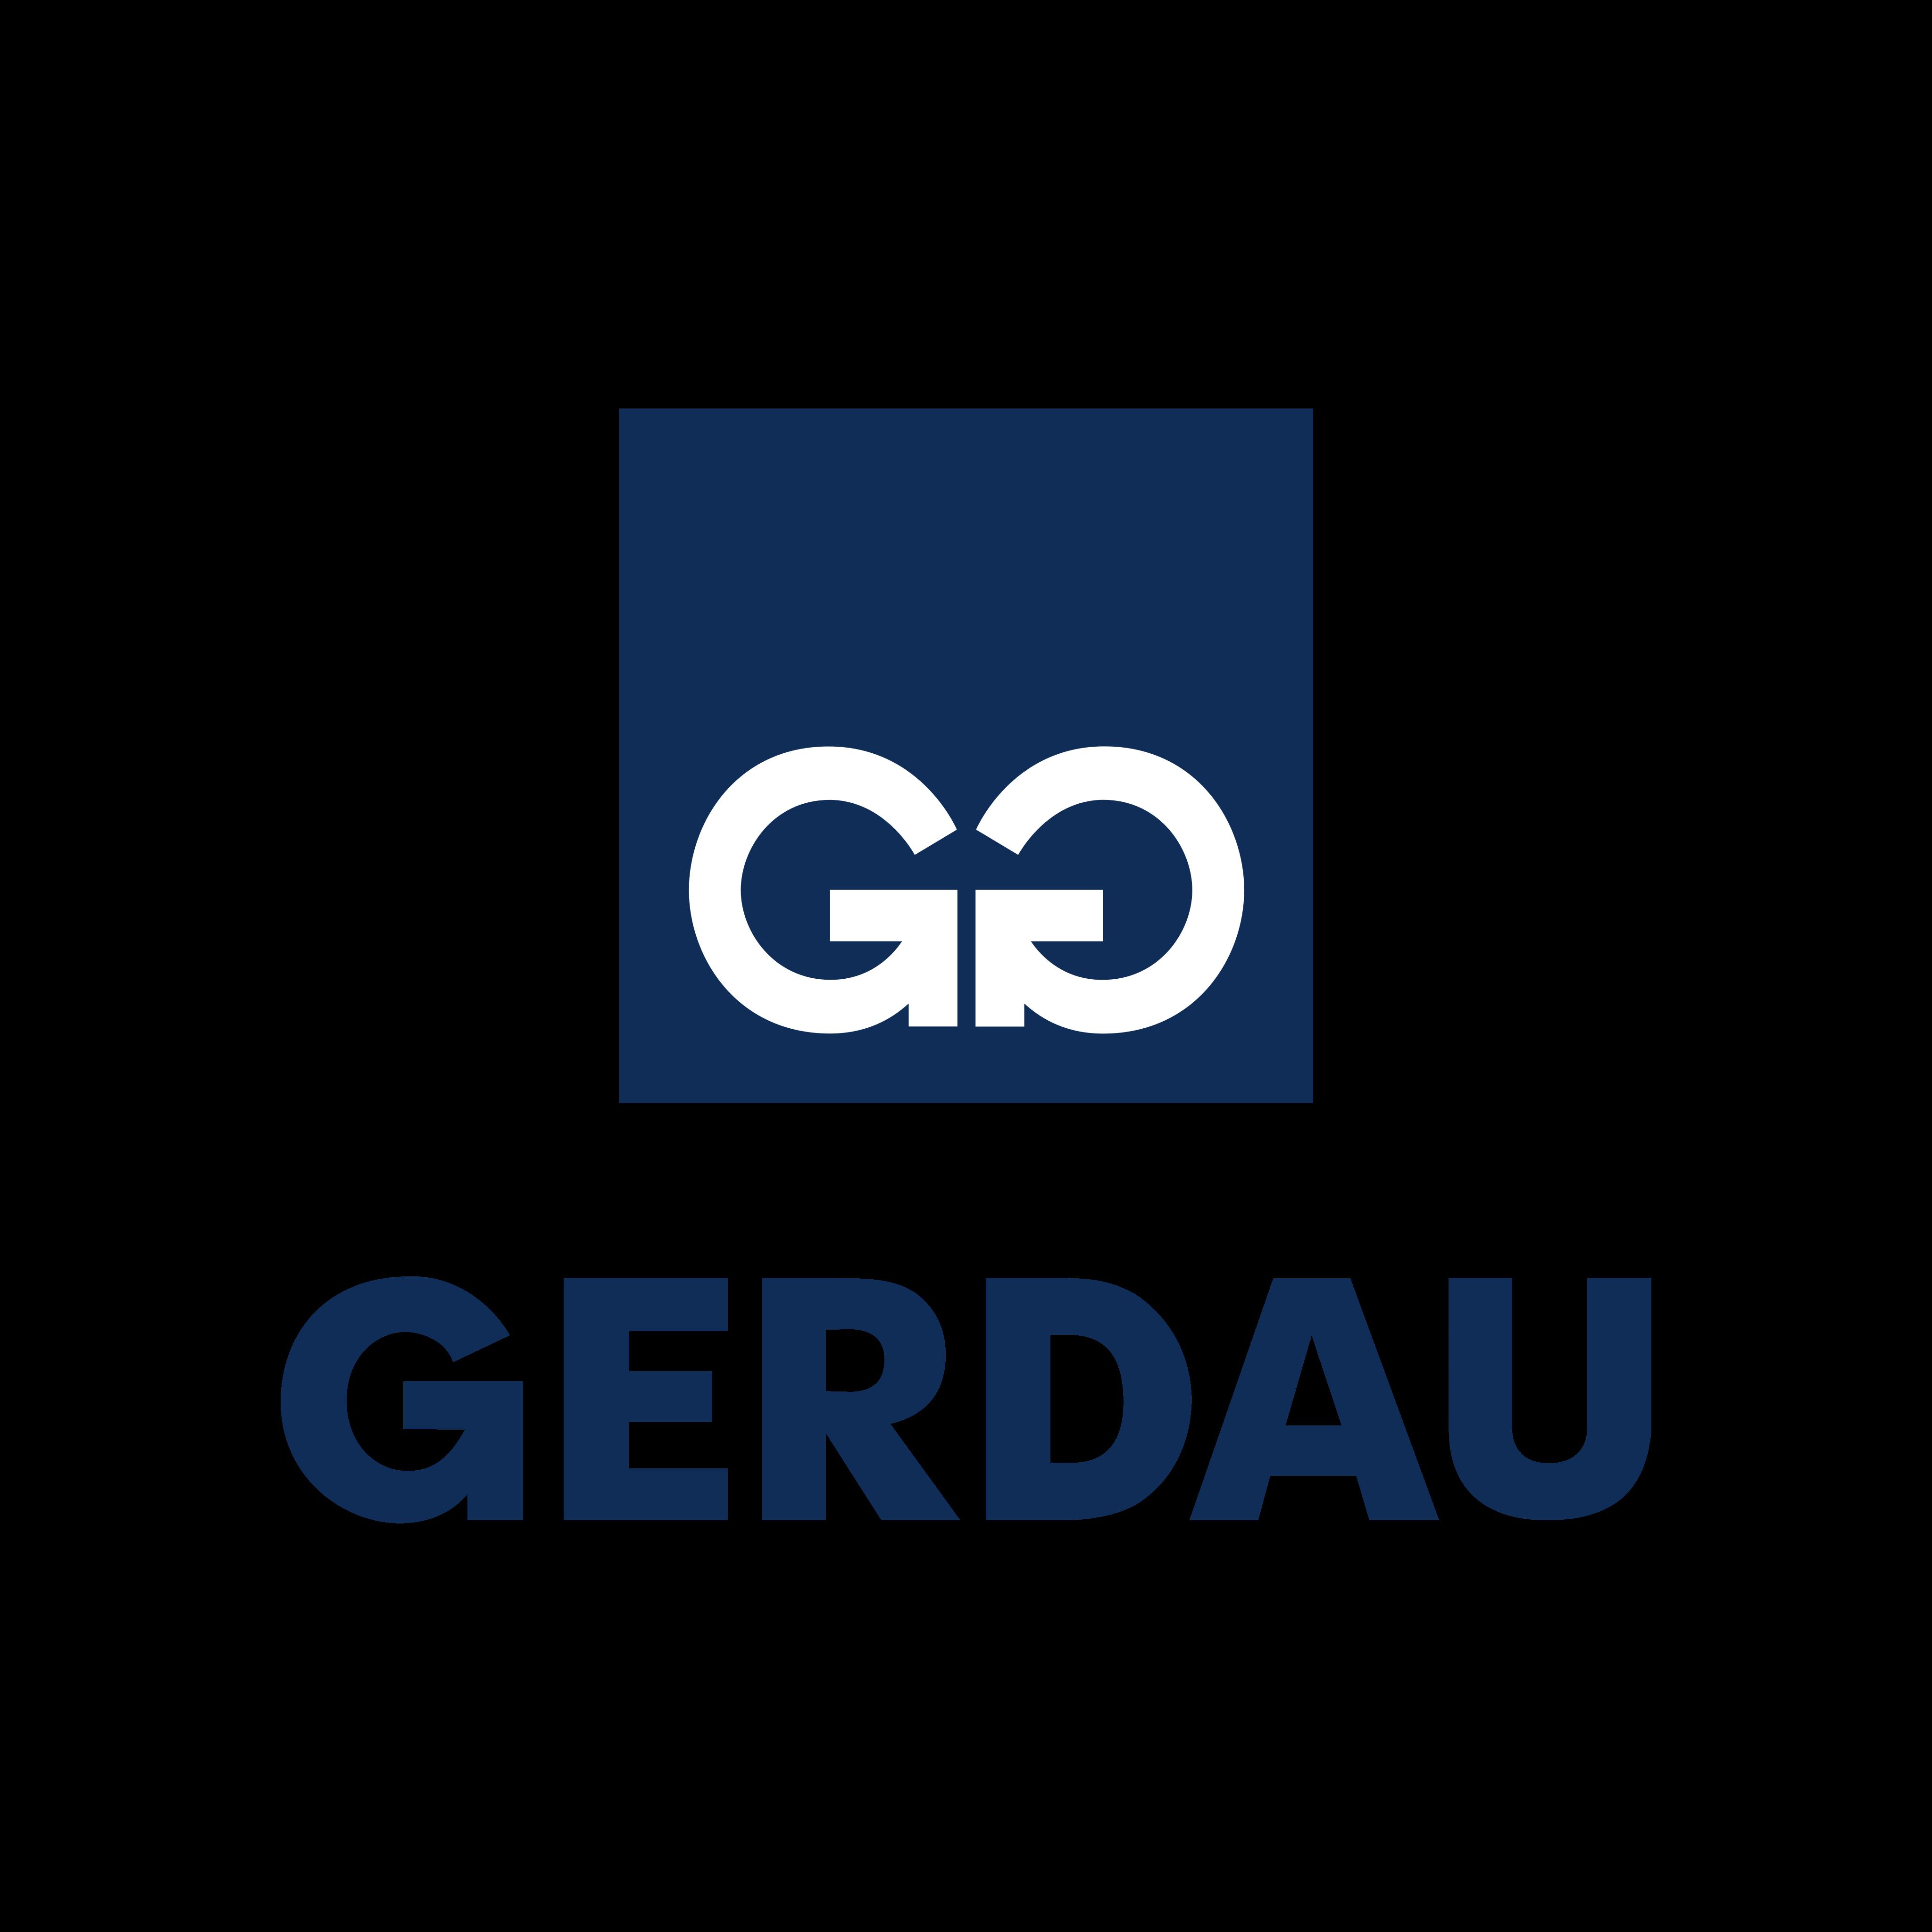 gerdau logo 0 - Gerdau Logo